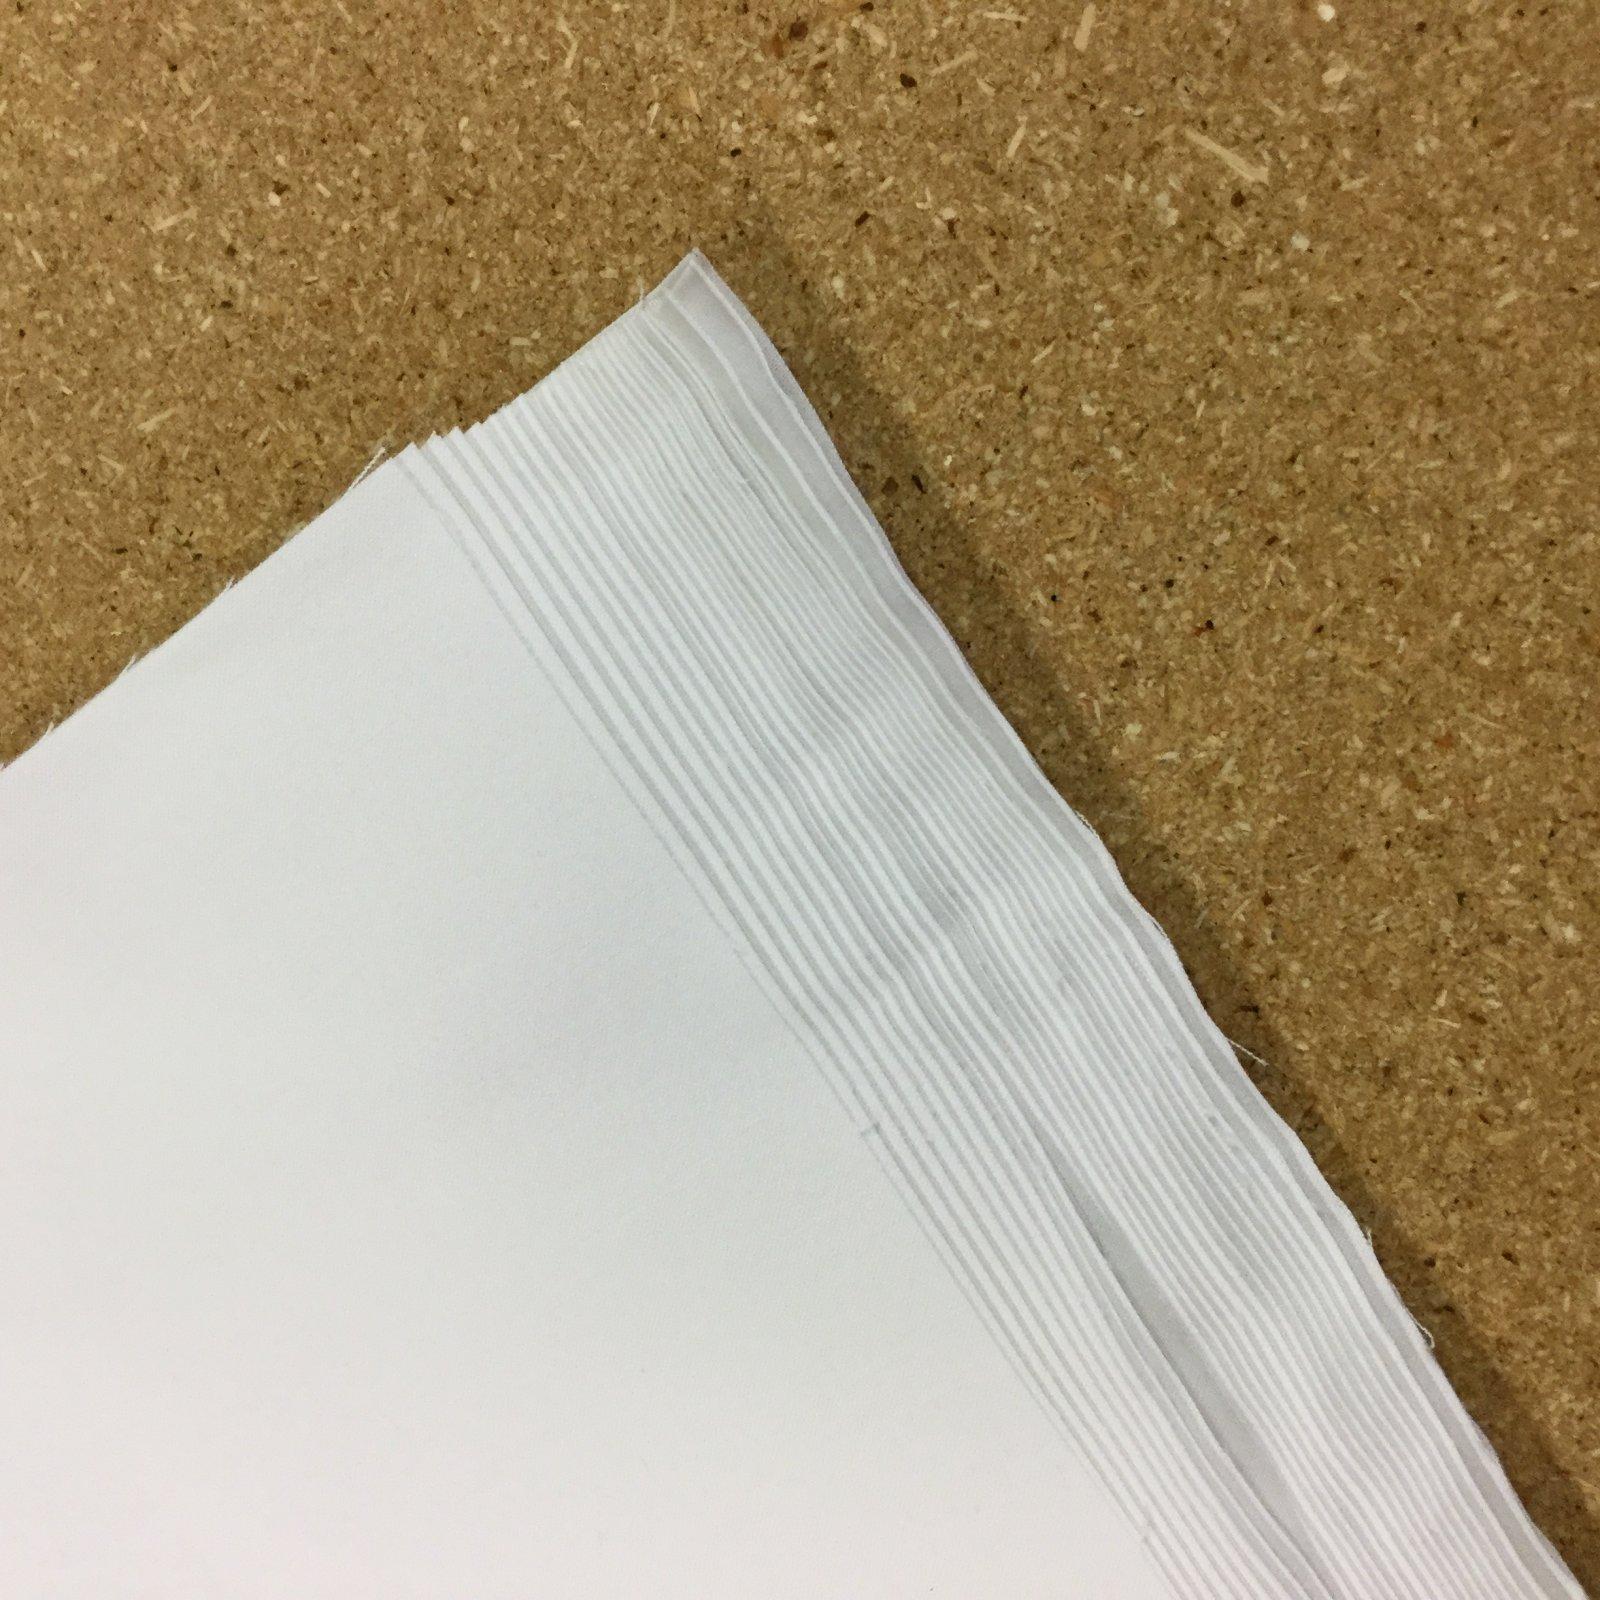 White KONA Squares - 11x11 - pkg of 50